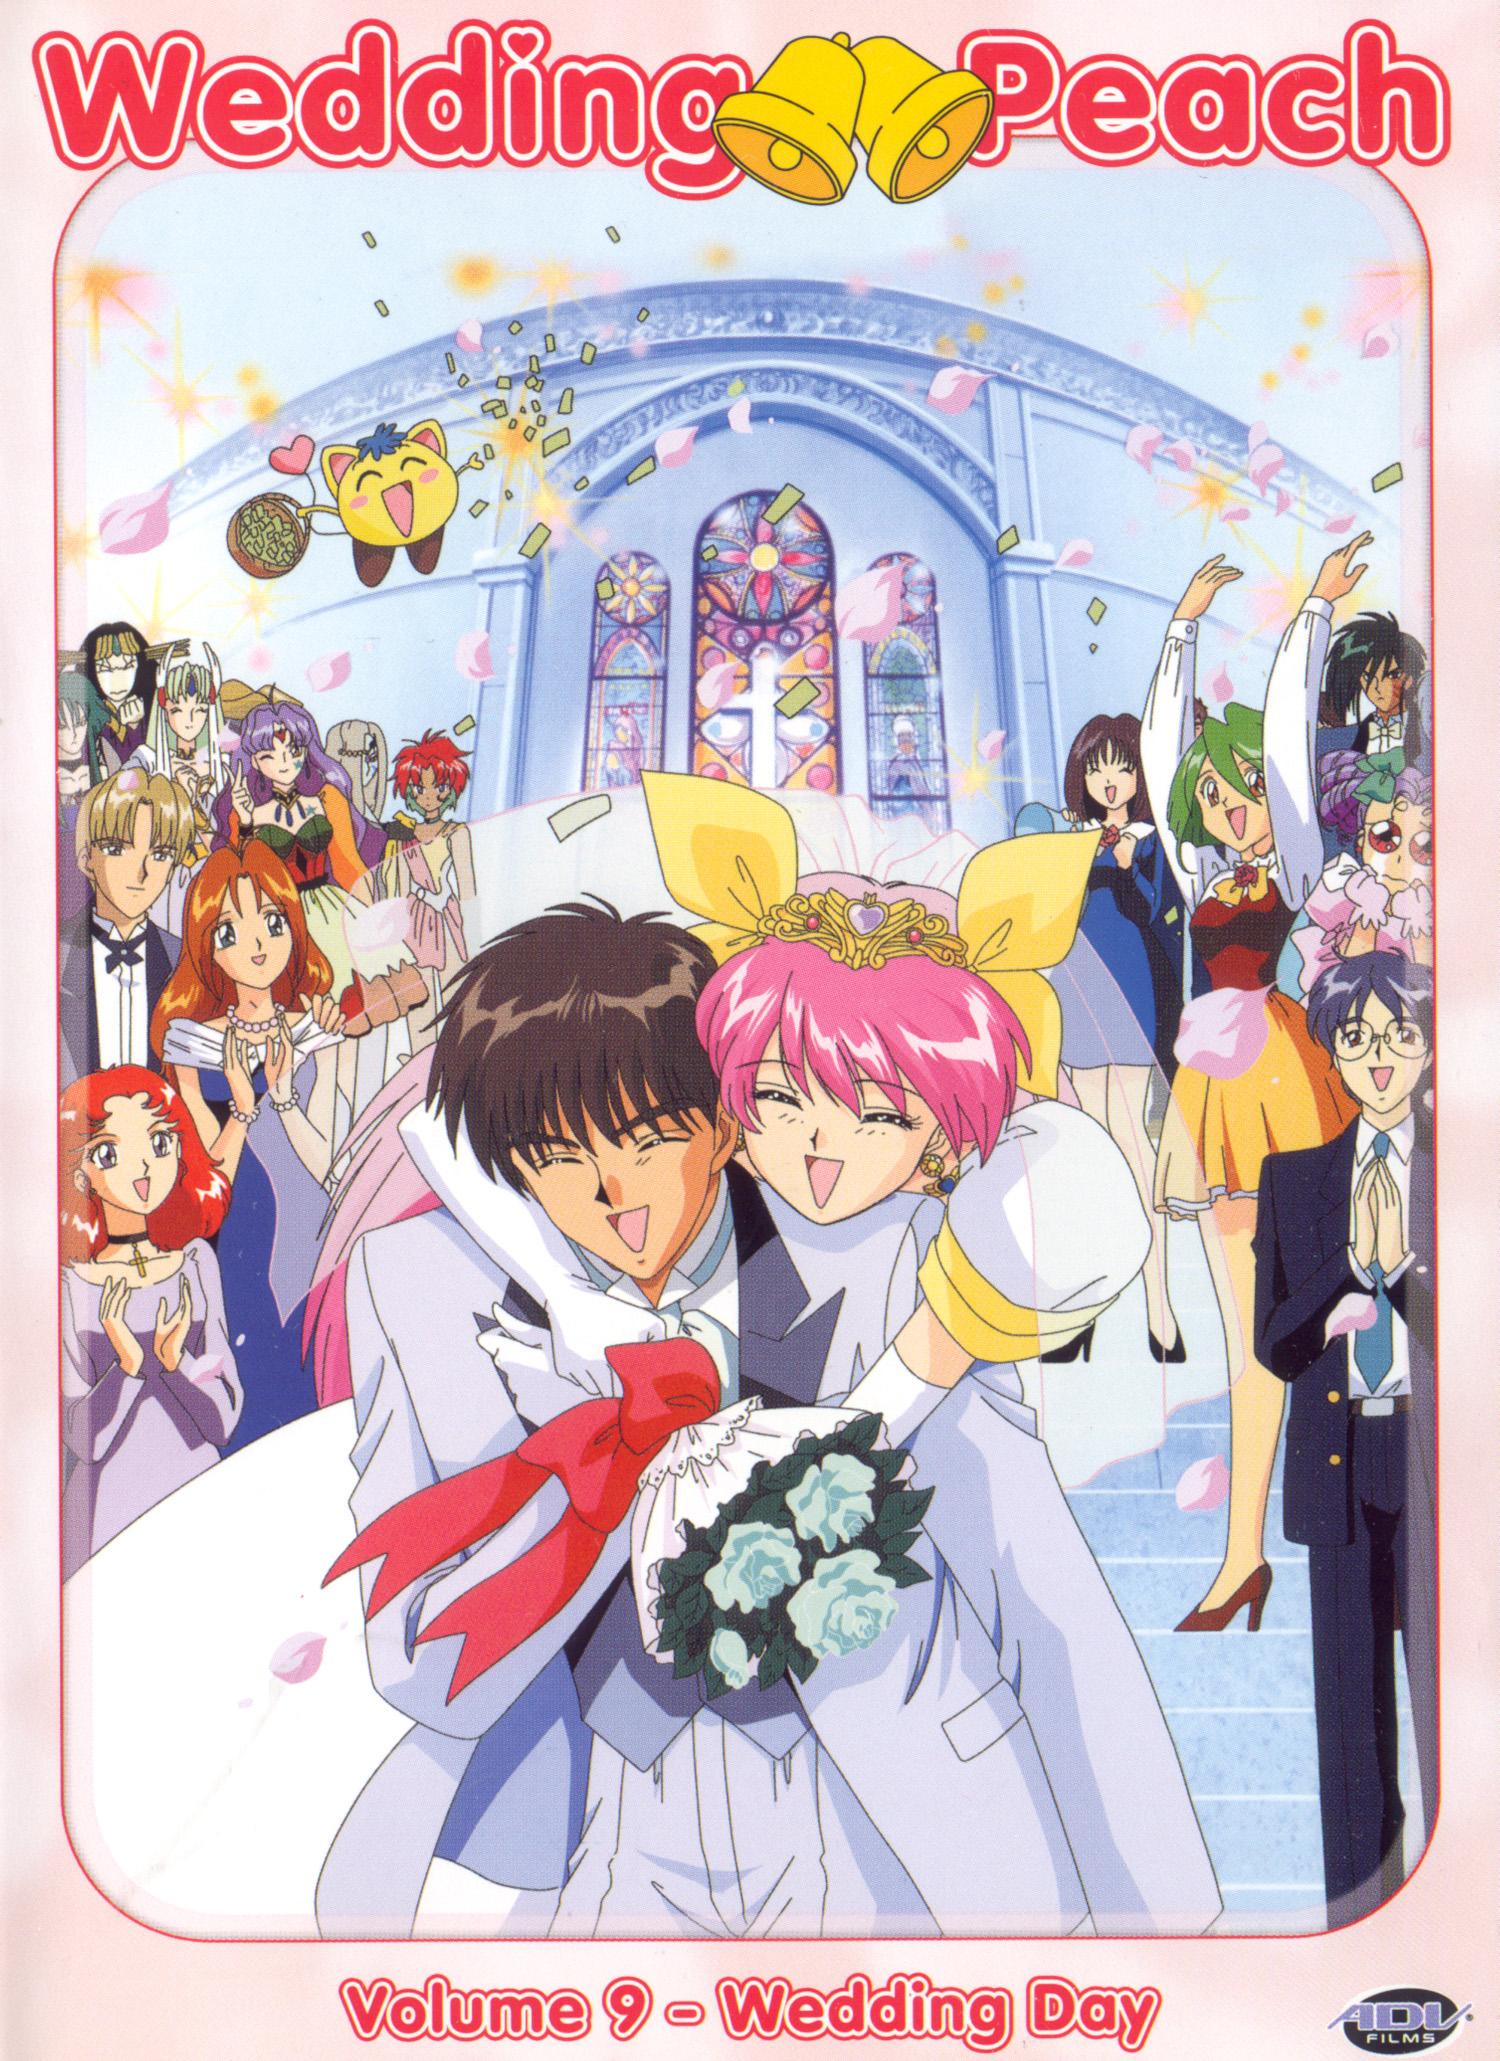 Wedding.Peach.full.240524.jpg